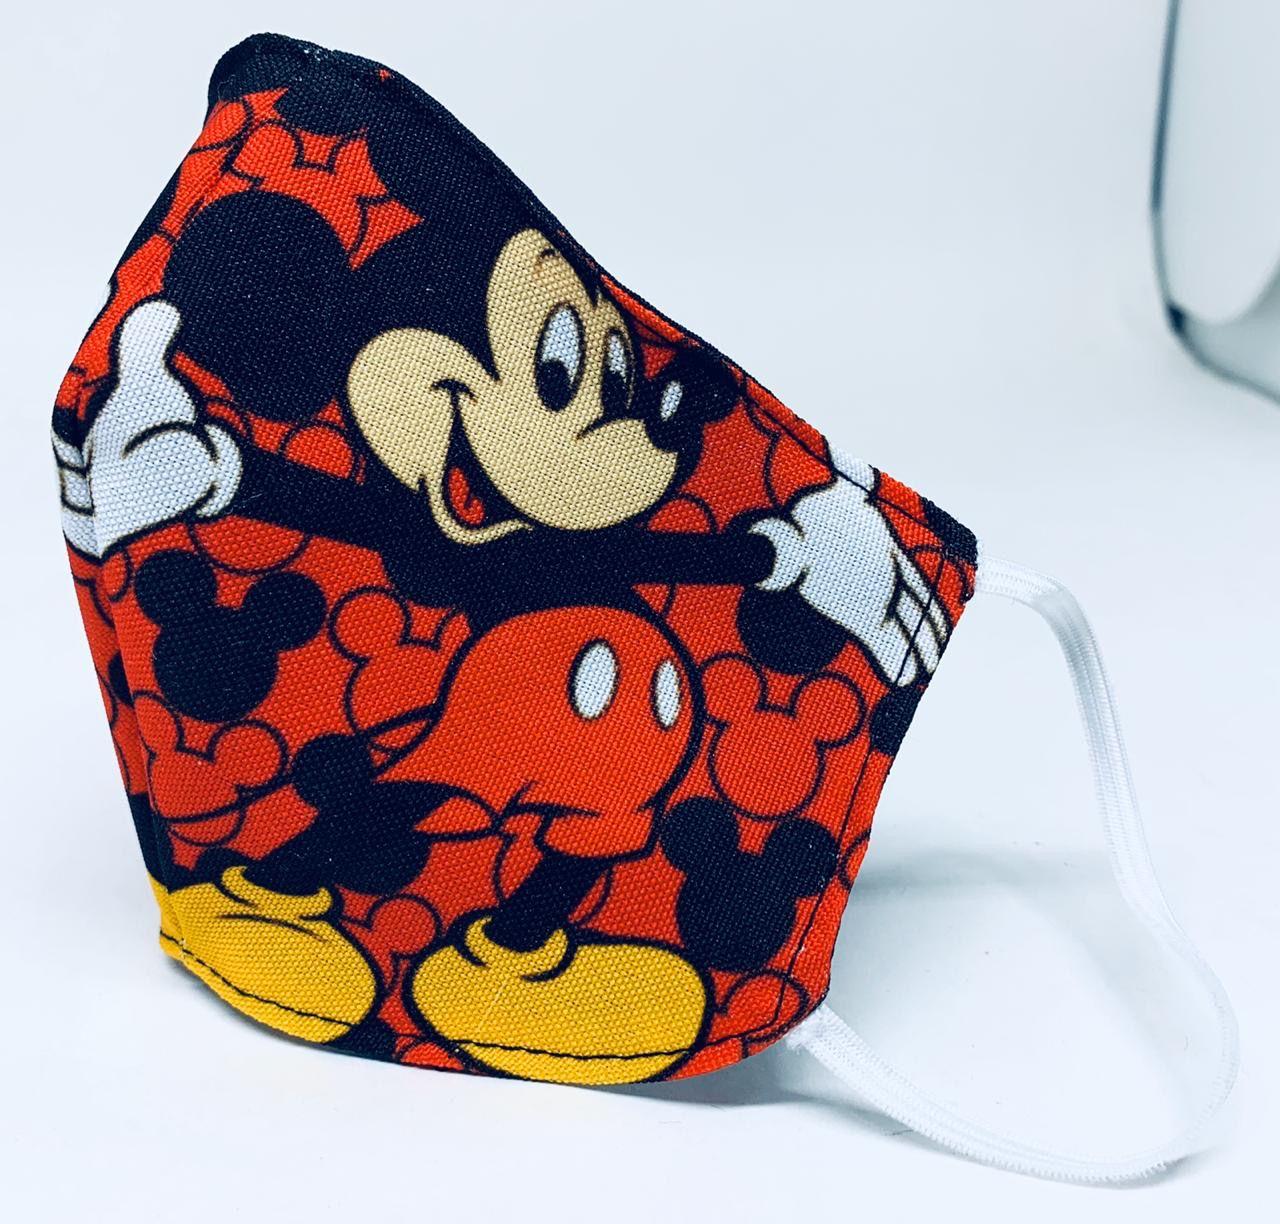 Mascara de Proteção - Kit para Costura - Kit com 10 - R$ 3,90 cada